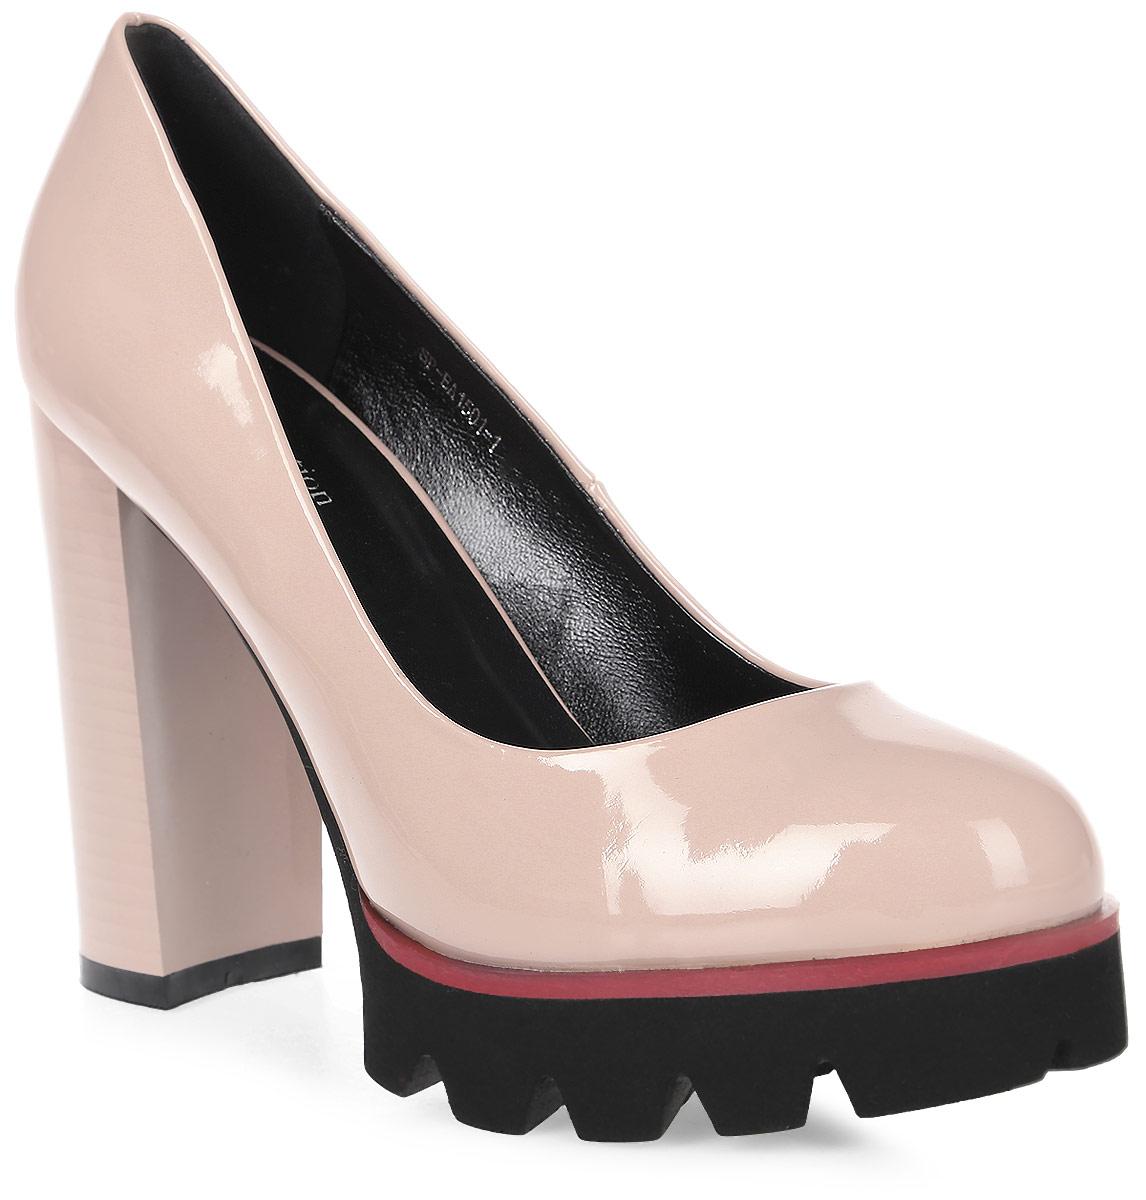 Туфли женские LK collection, цвет: бежевый. SP-EA1501-1 PU (SP-E324001-1). Размер 39SP-EA1501-1 PU (SP-E324001-1)Стильные туфли на высоком каблуке и тракторной подошве выполнены из искусственной кожи. Стелька выполнена из натуральной кожи.